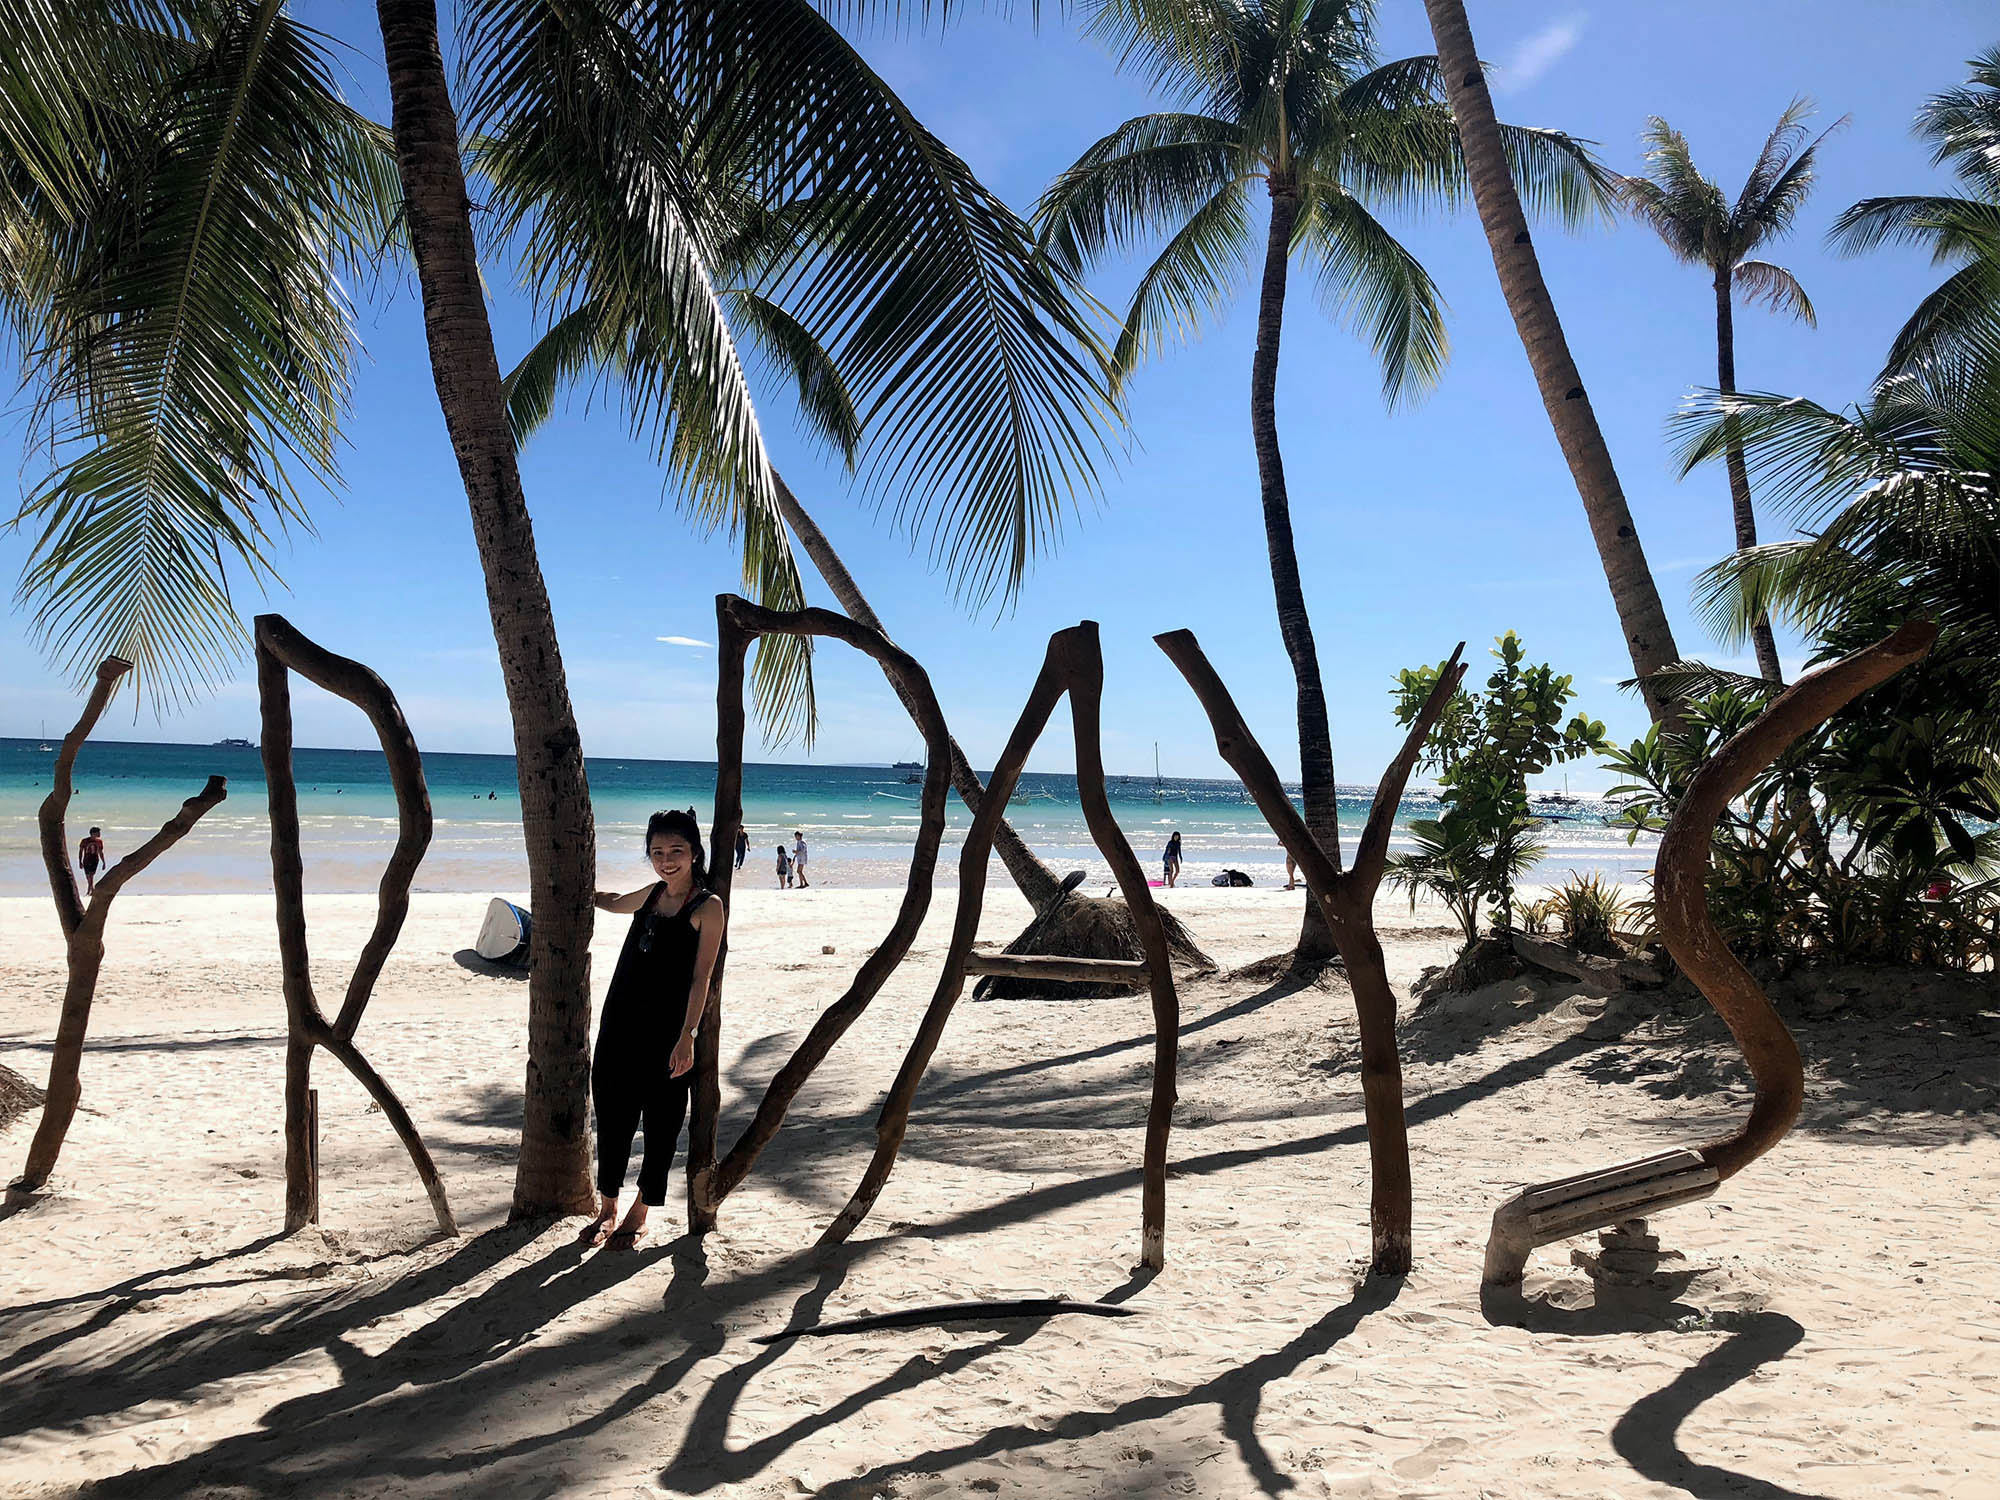 長灘島水上活動有哪些好玩?推薦風帆船、SUP立槳,舒服又可看美景的水上活動